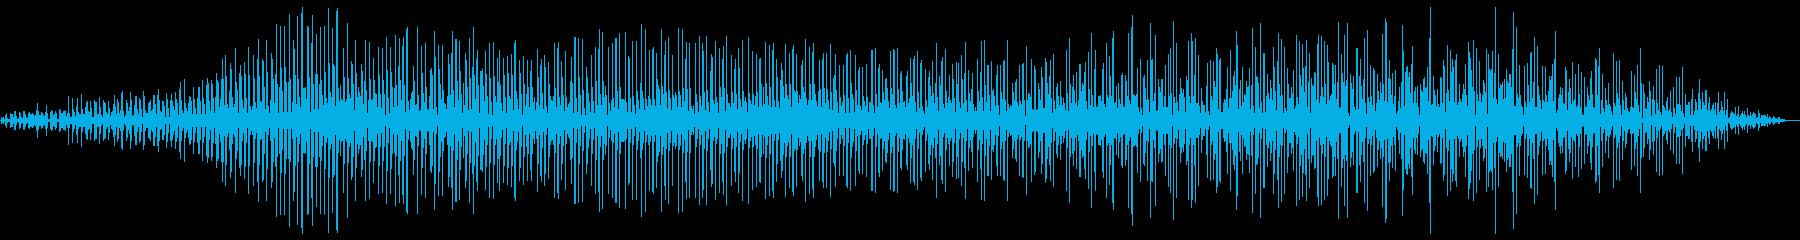 プロペラ飛行機通過の音の再生済みの波形